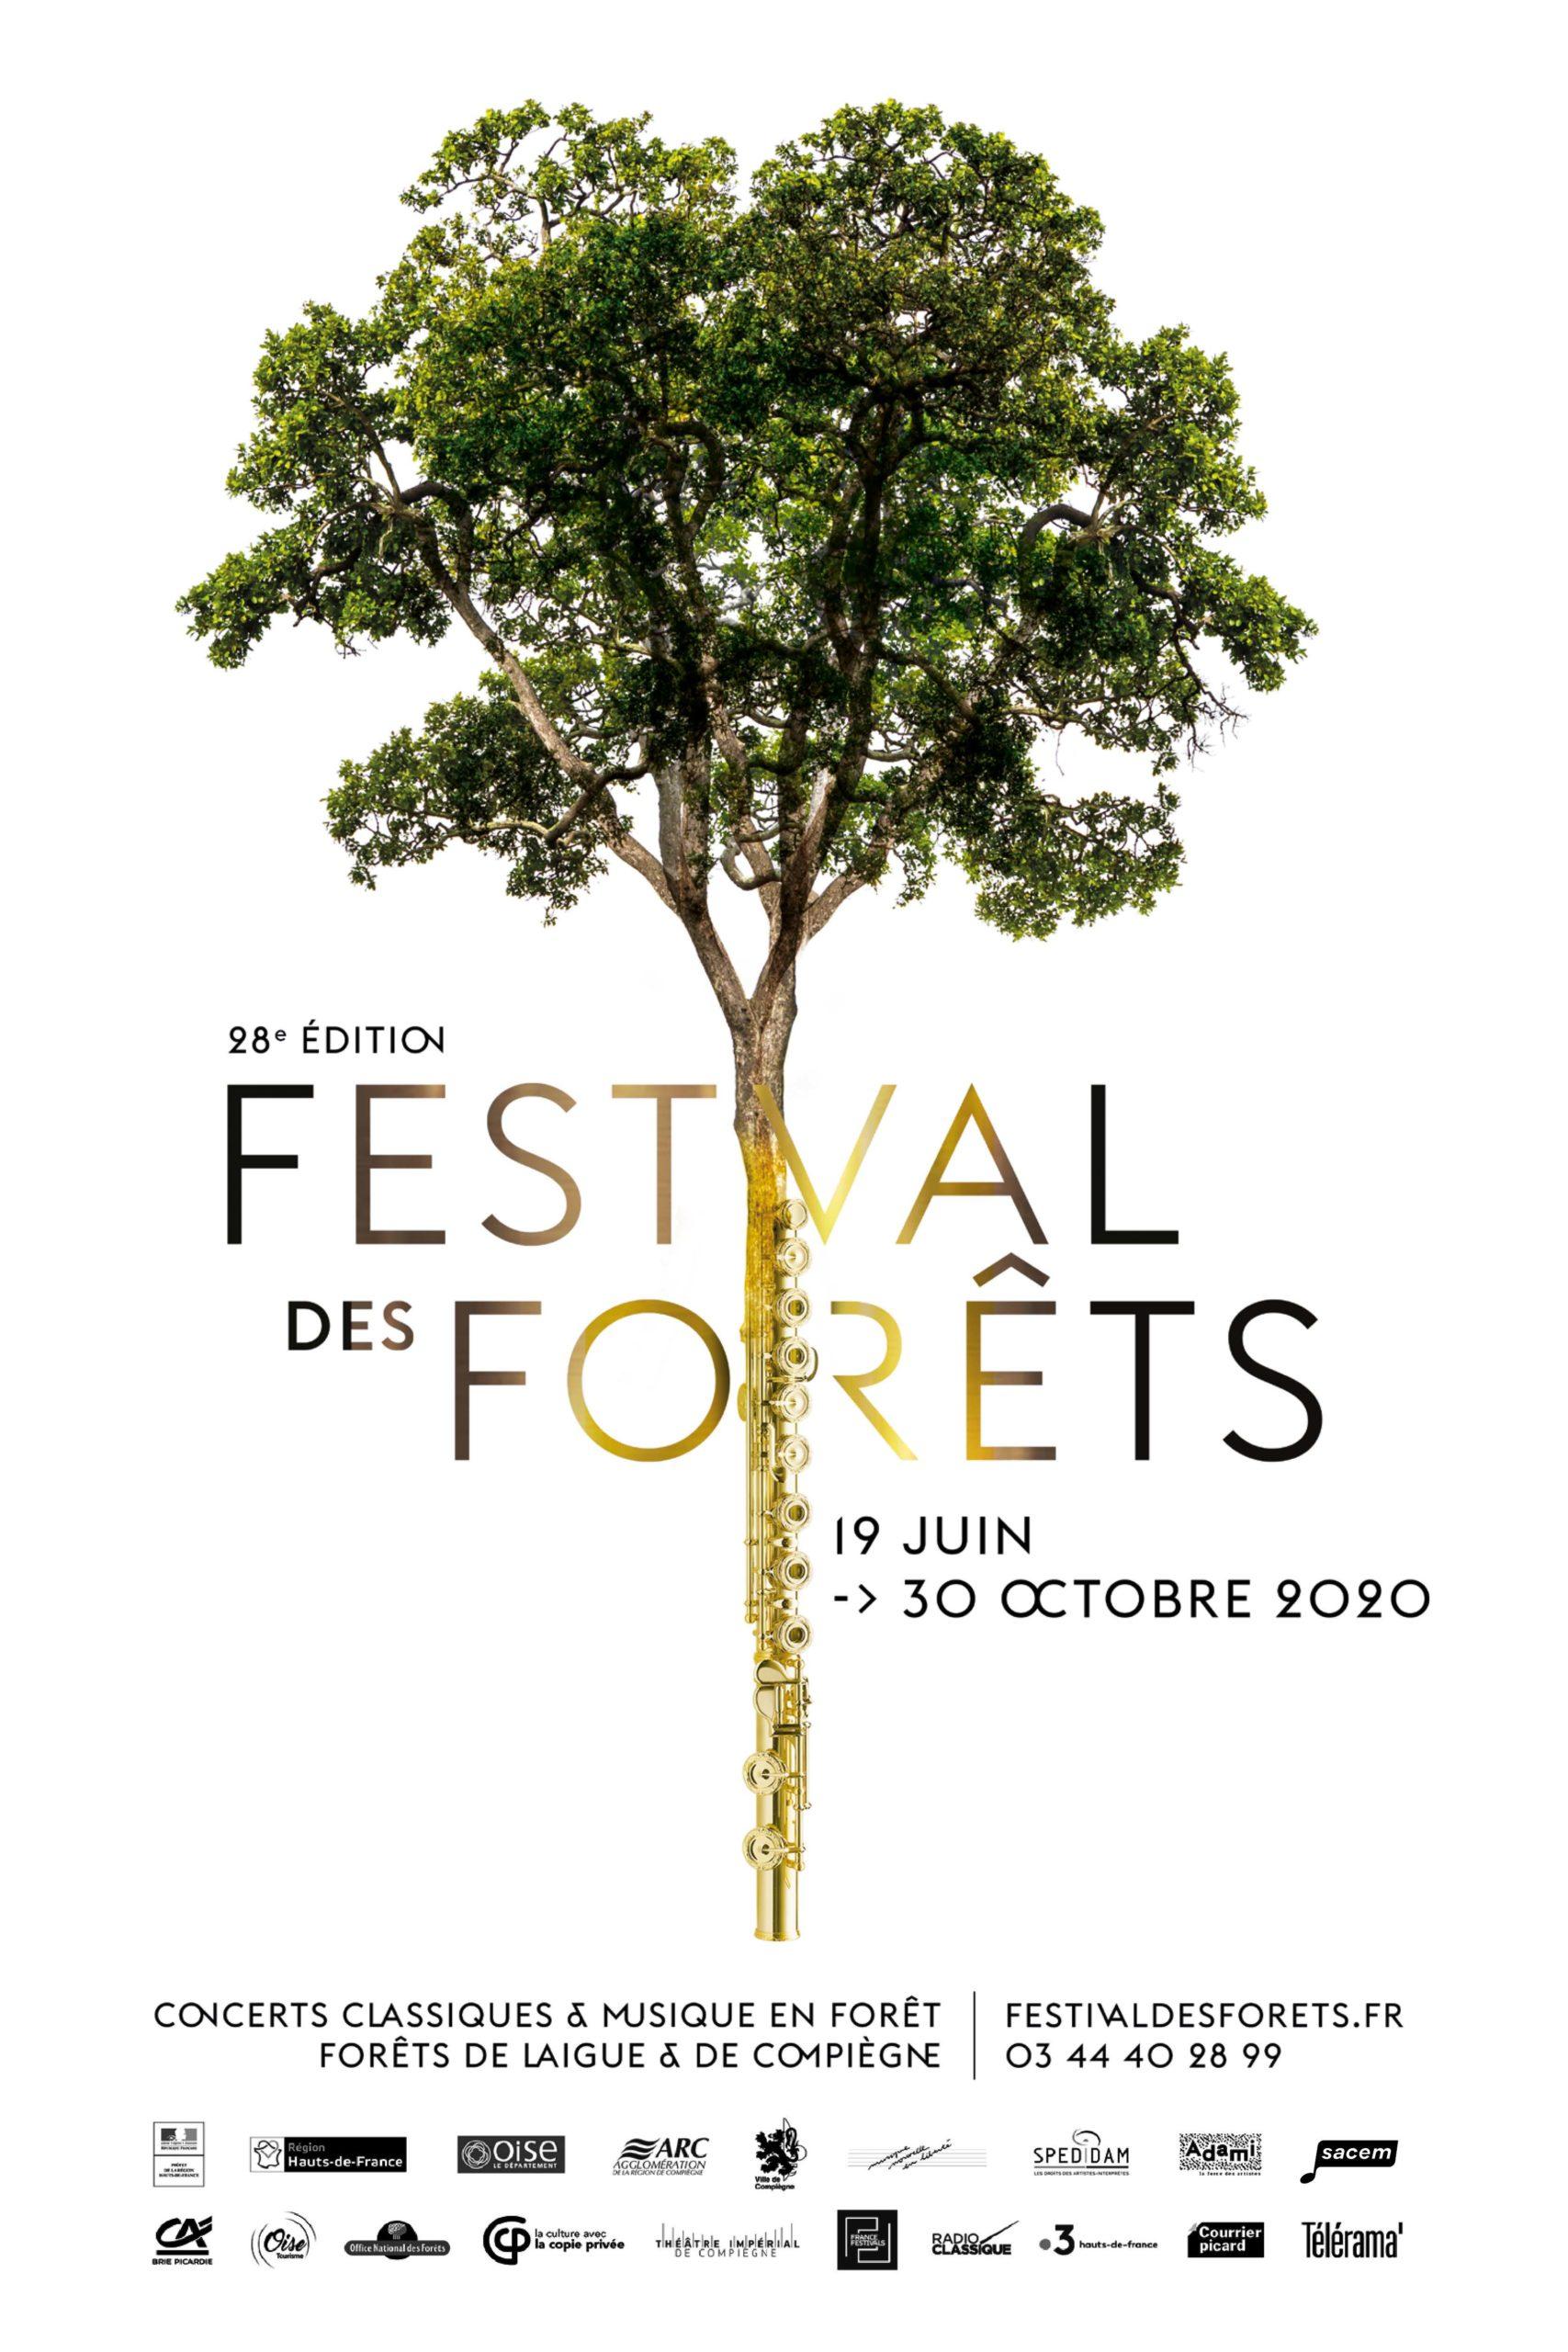 Festival des Forêts - 28ème édition, 19 juin au 30 octobre 2020